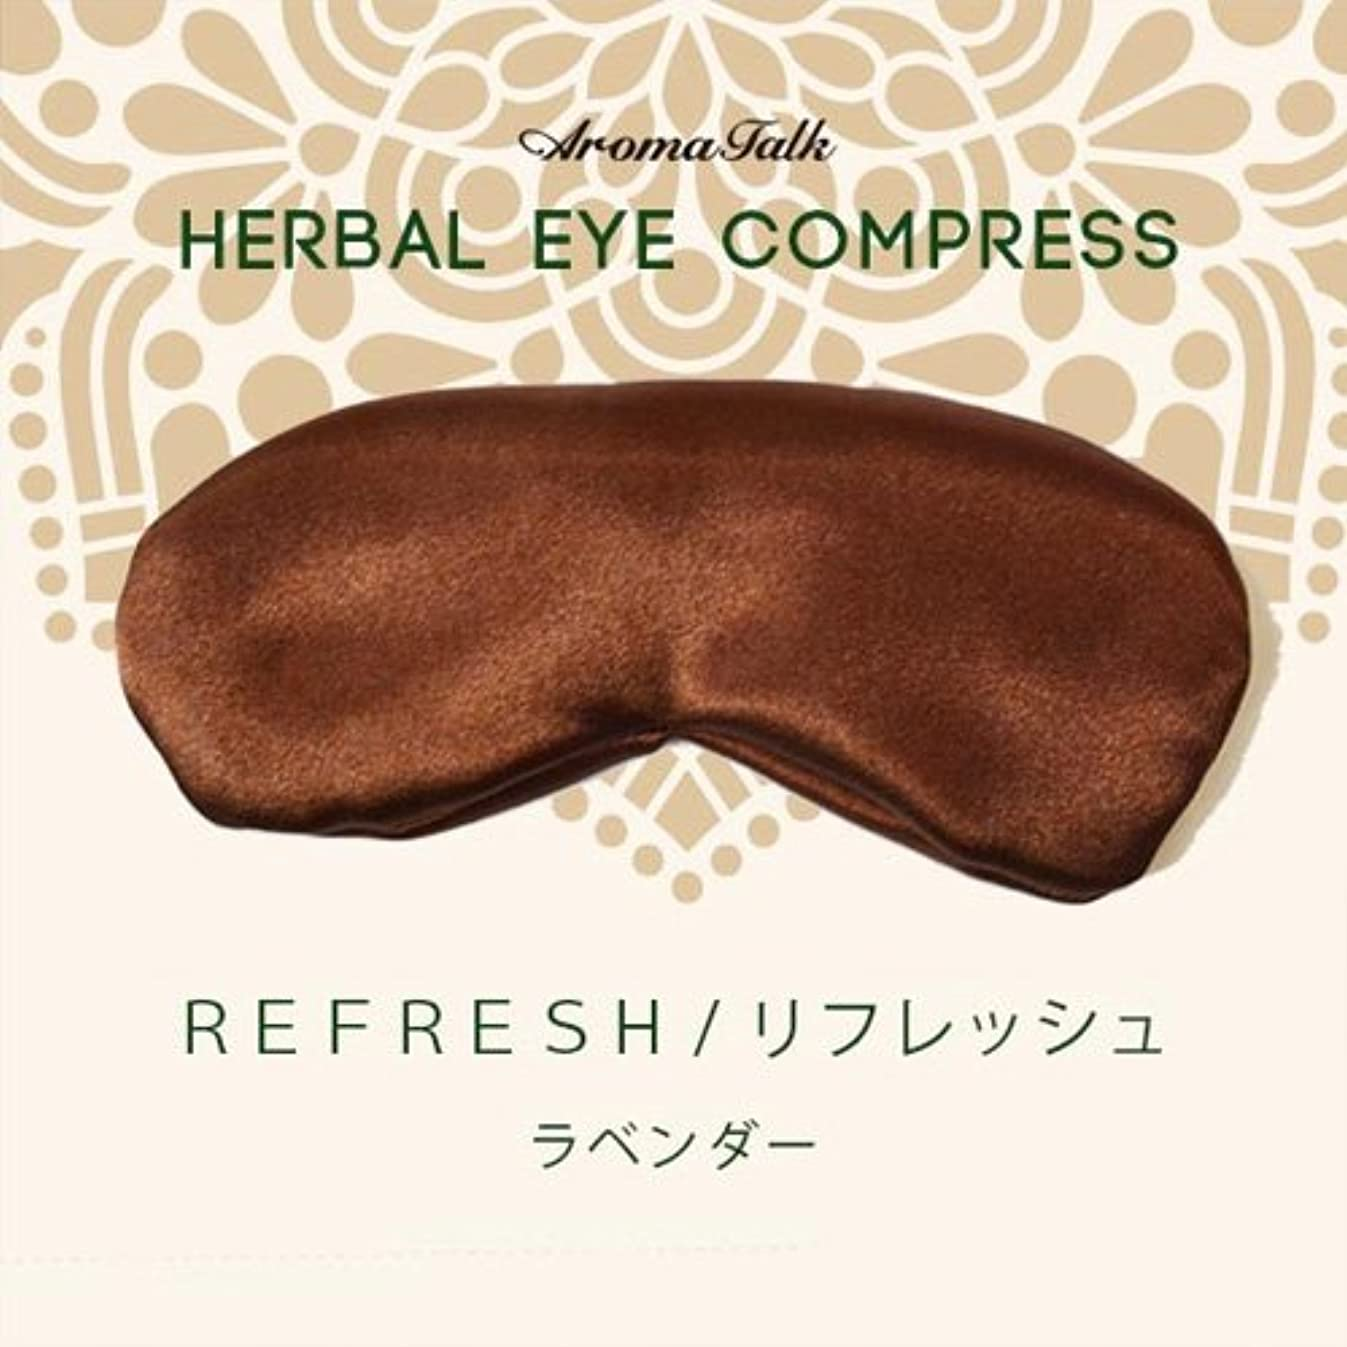 従う距離麺ハーバルアイコンプレス「リフレッシュ」茶/ラベンダーの爽やかなリラックスできる香り